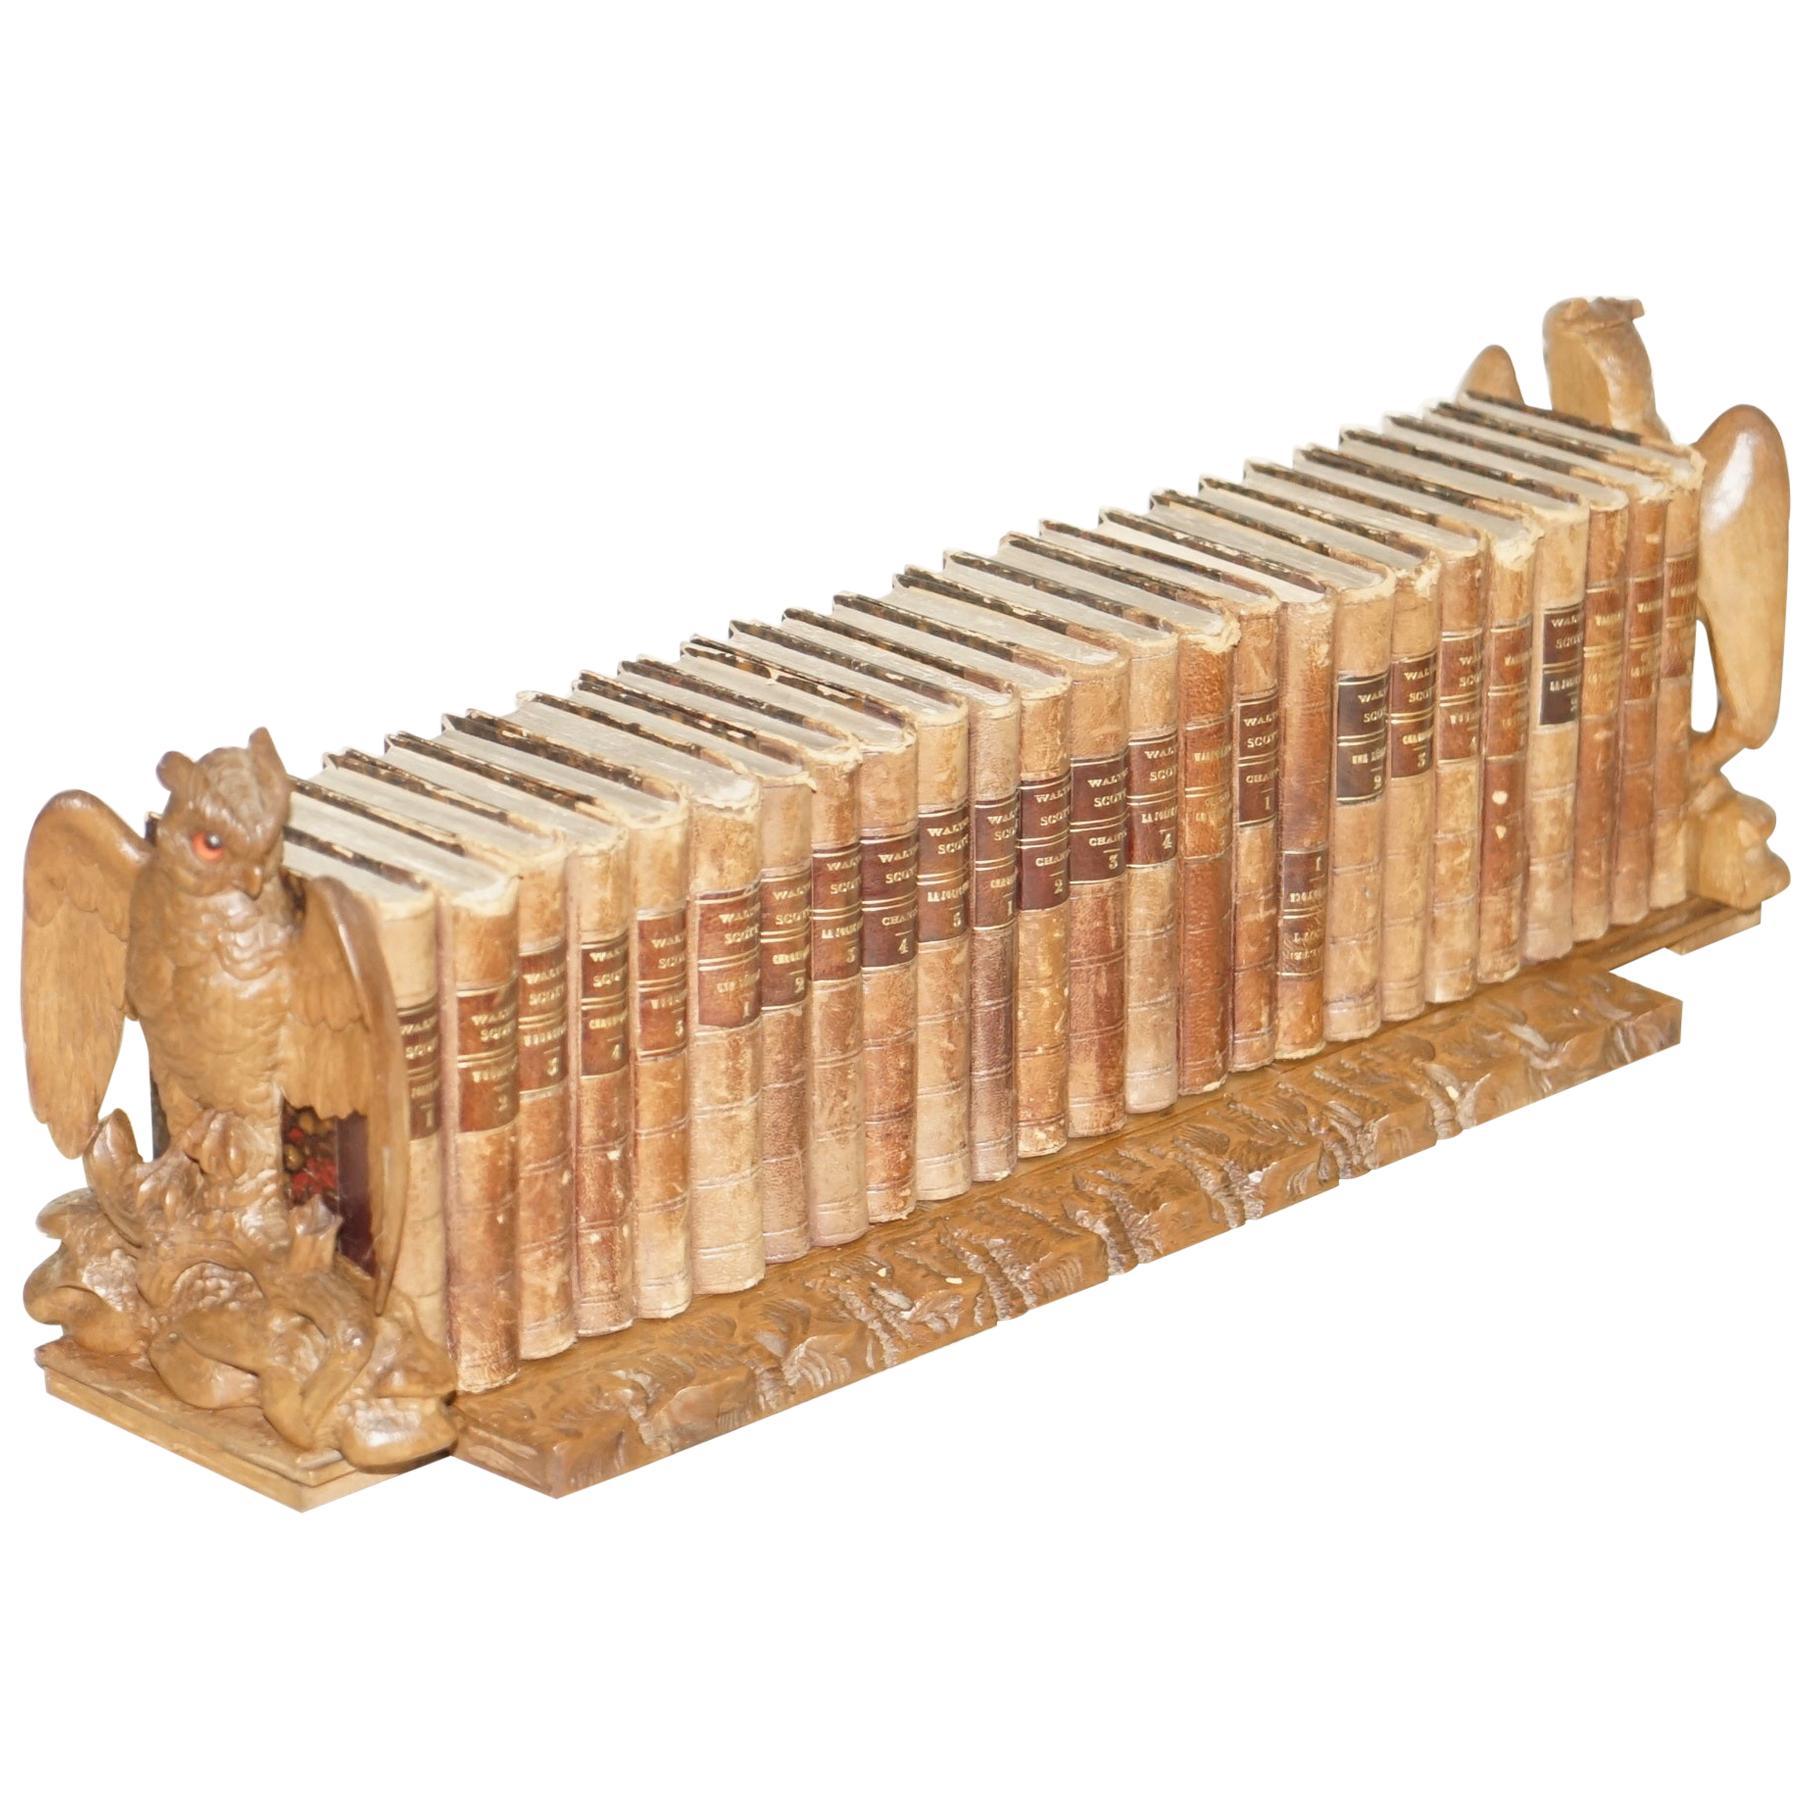 1900 Black Forest Owl Carved Wood Extending Bookshelf Sir Walter Scott Books